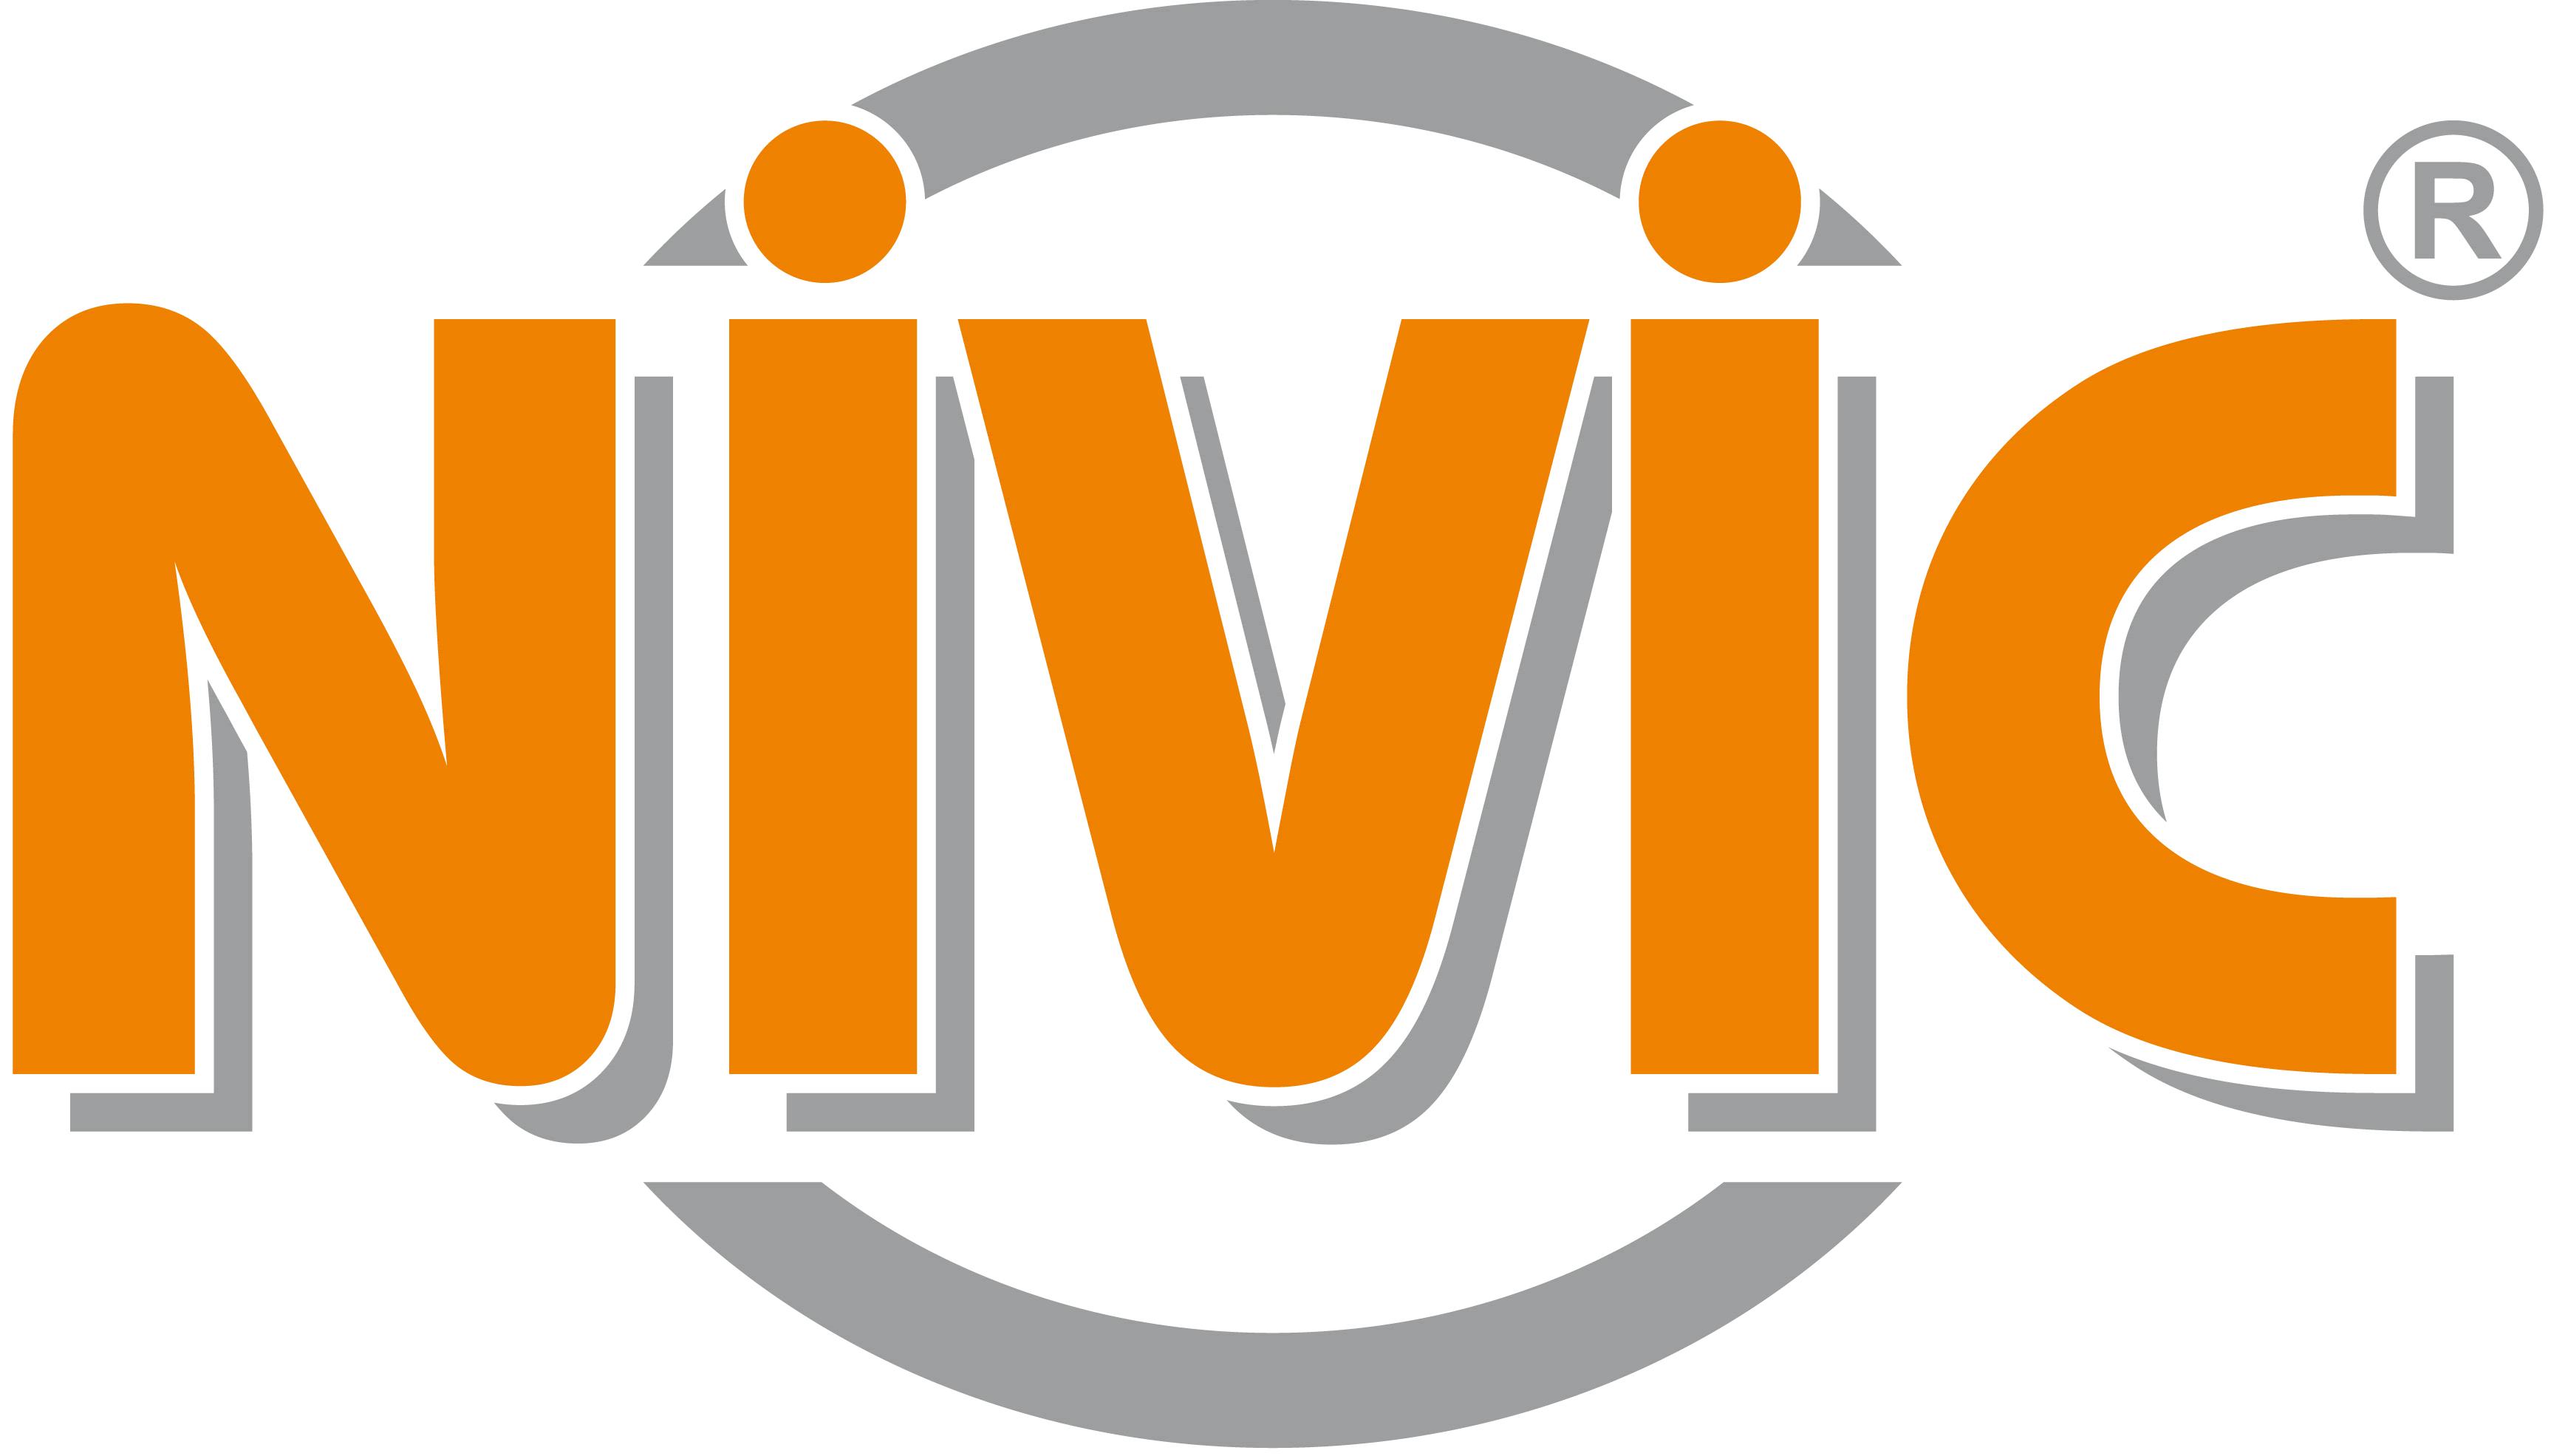 NIVIC España